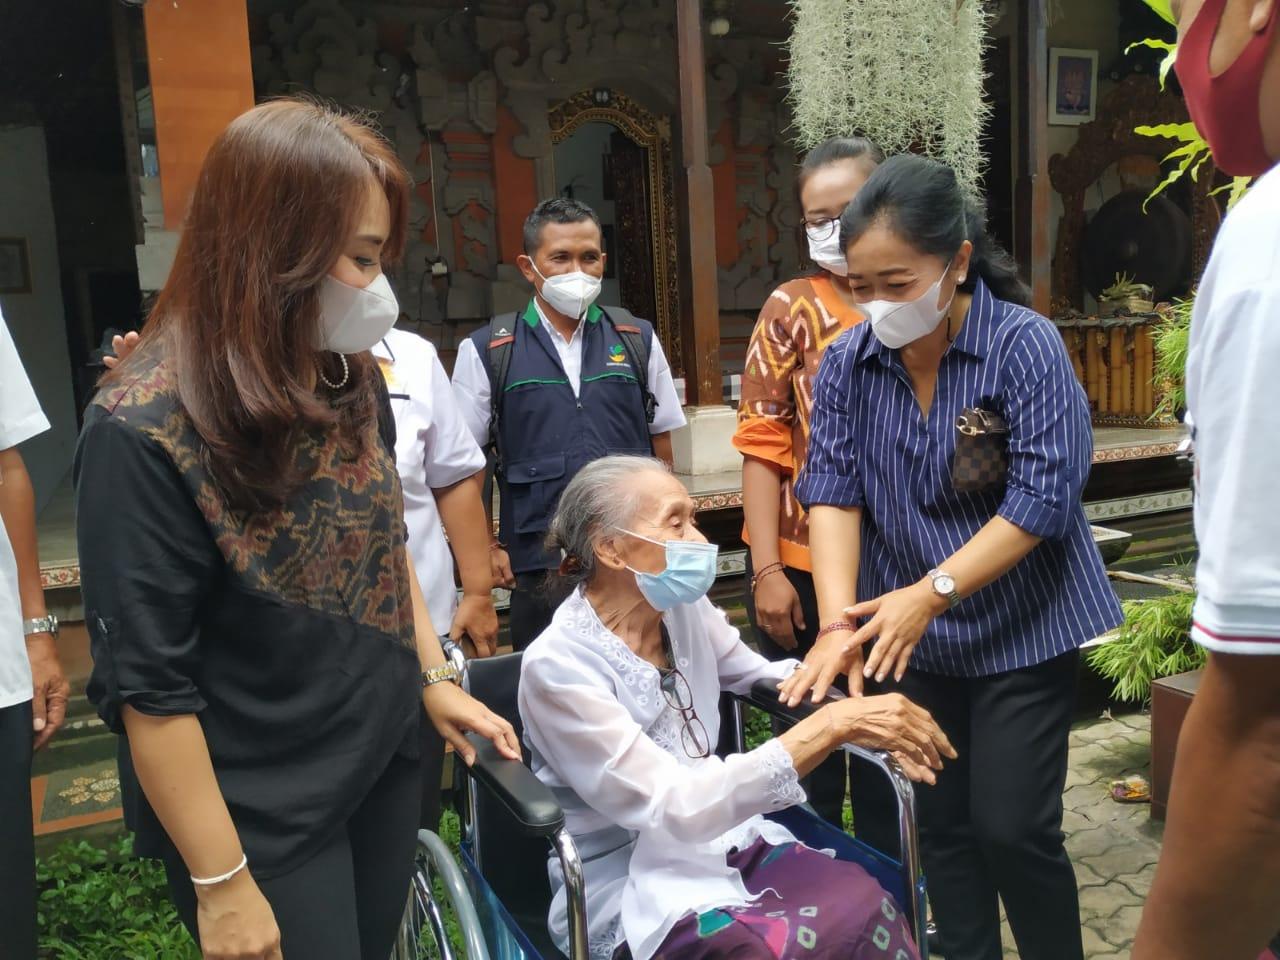 Ny. Antari Jaya Negara dan Ny. Ayu Kristi Arya Wibawa juga menyerahkan bantuan korsi roda kepada salah satu lansia di wilayah Kelurahan Sumerta.